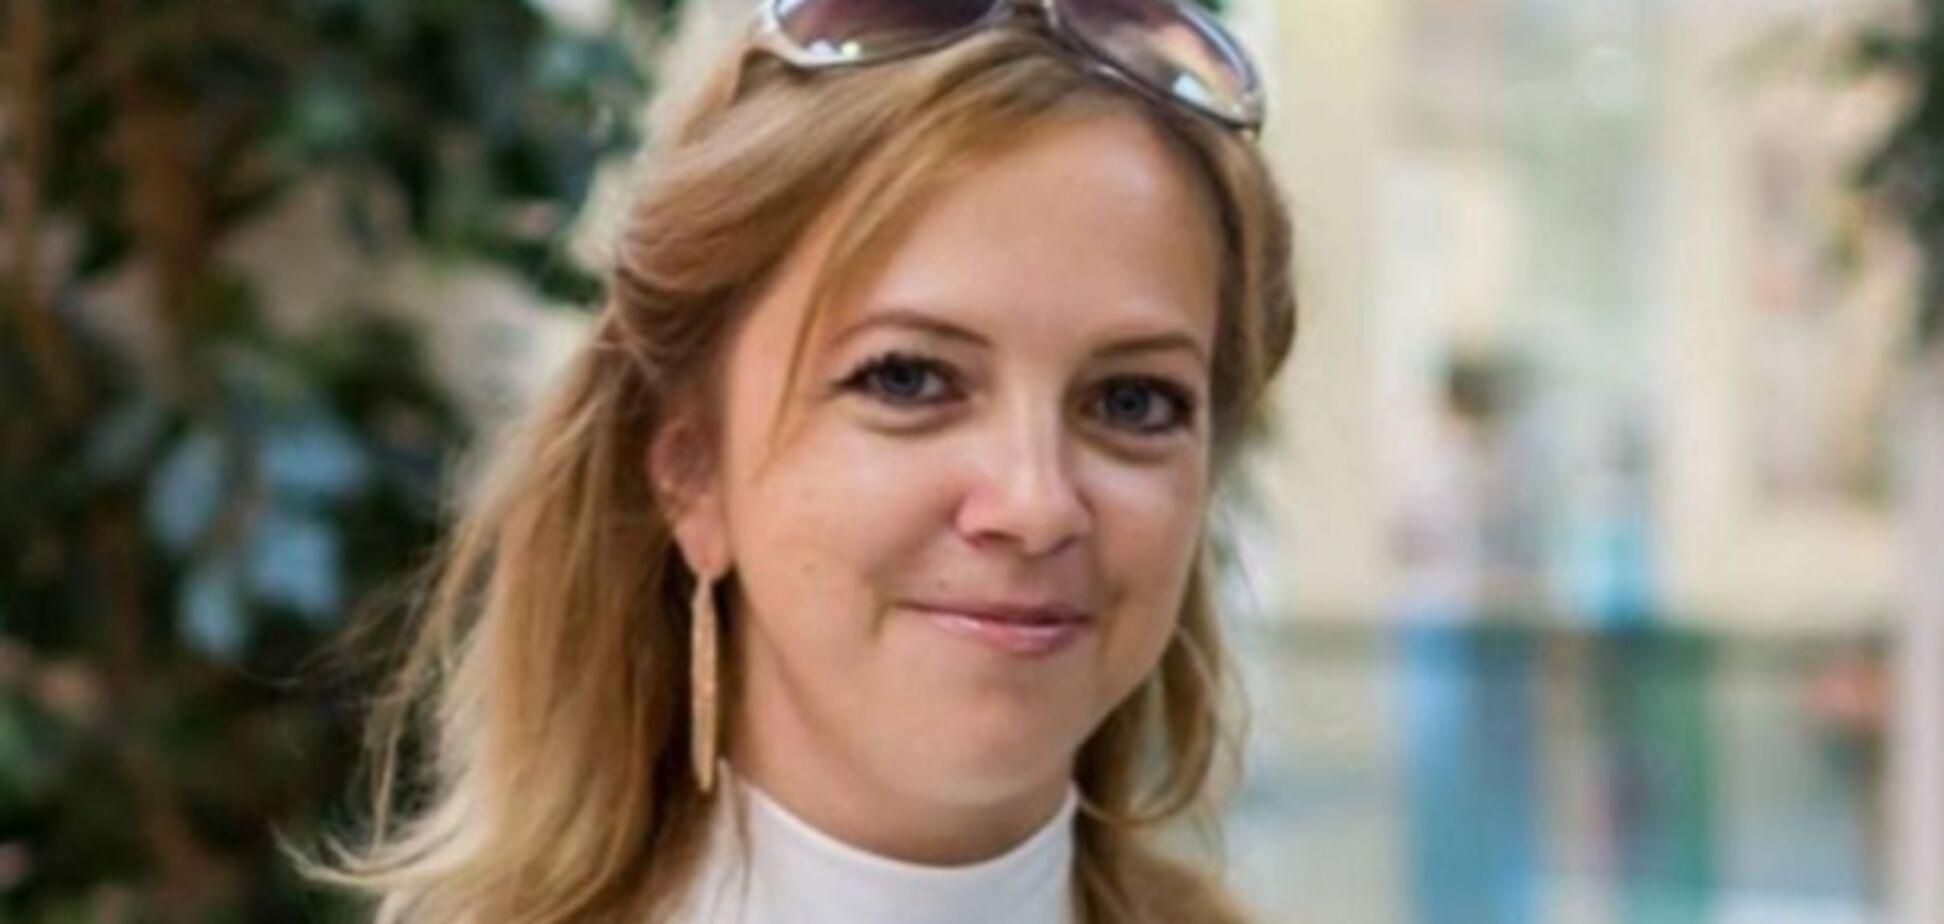 Вбивство Ноздровської: під нігтями загиблої знайдено ДНК двох людей